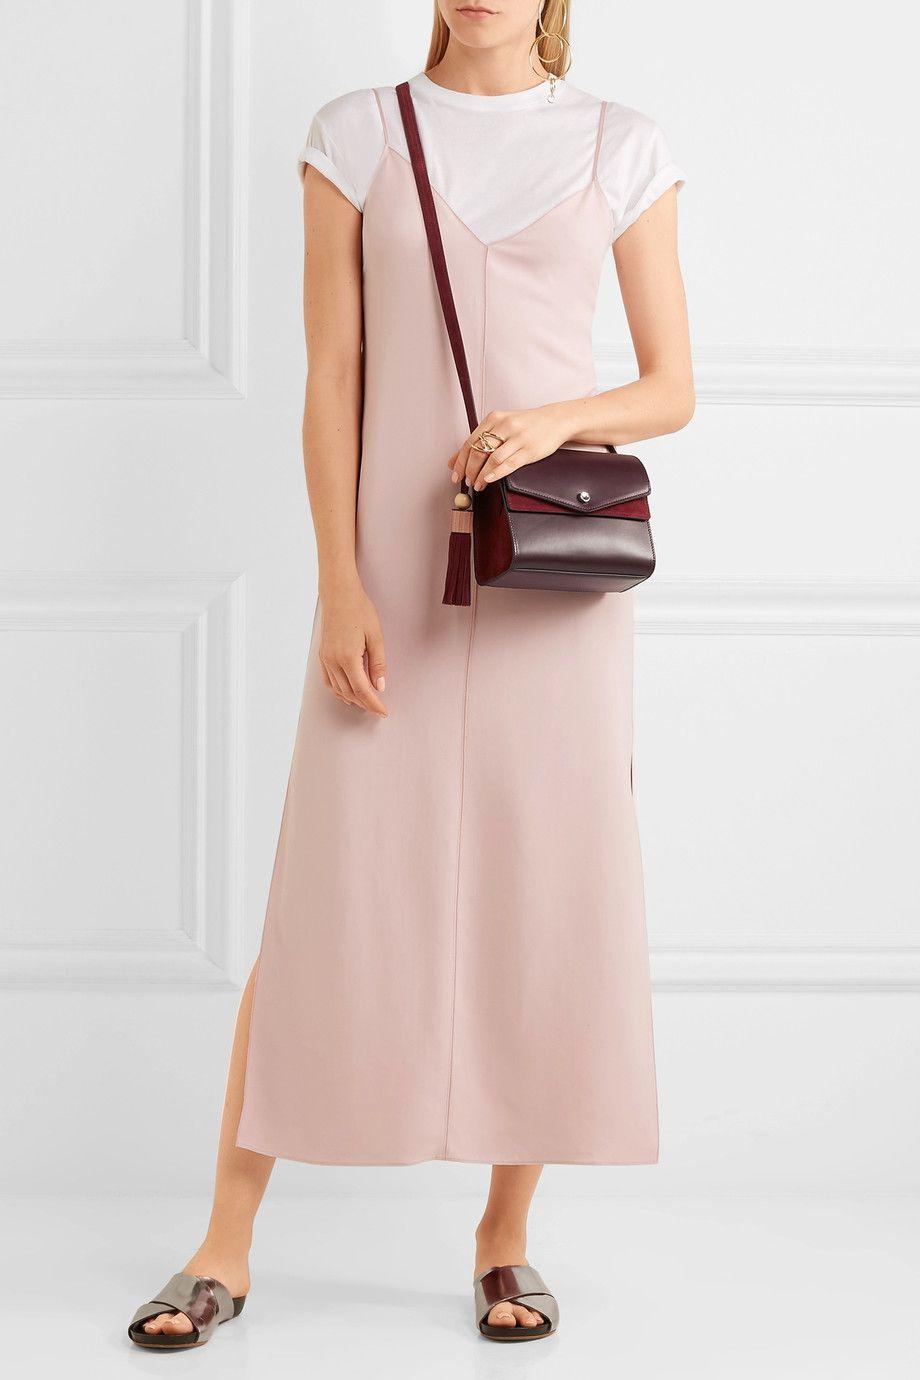 A burgundy suede shoulder bag